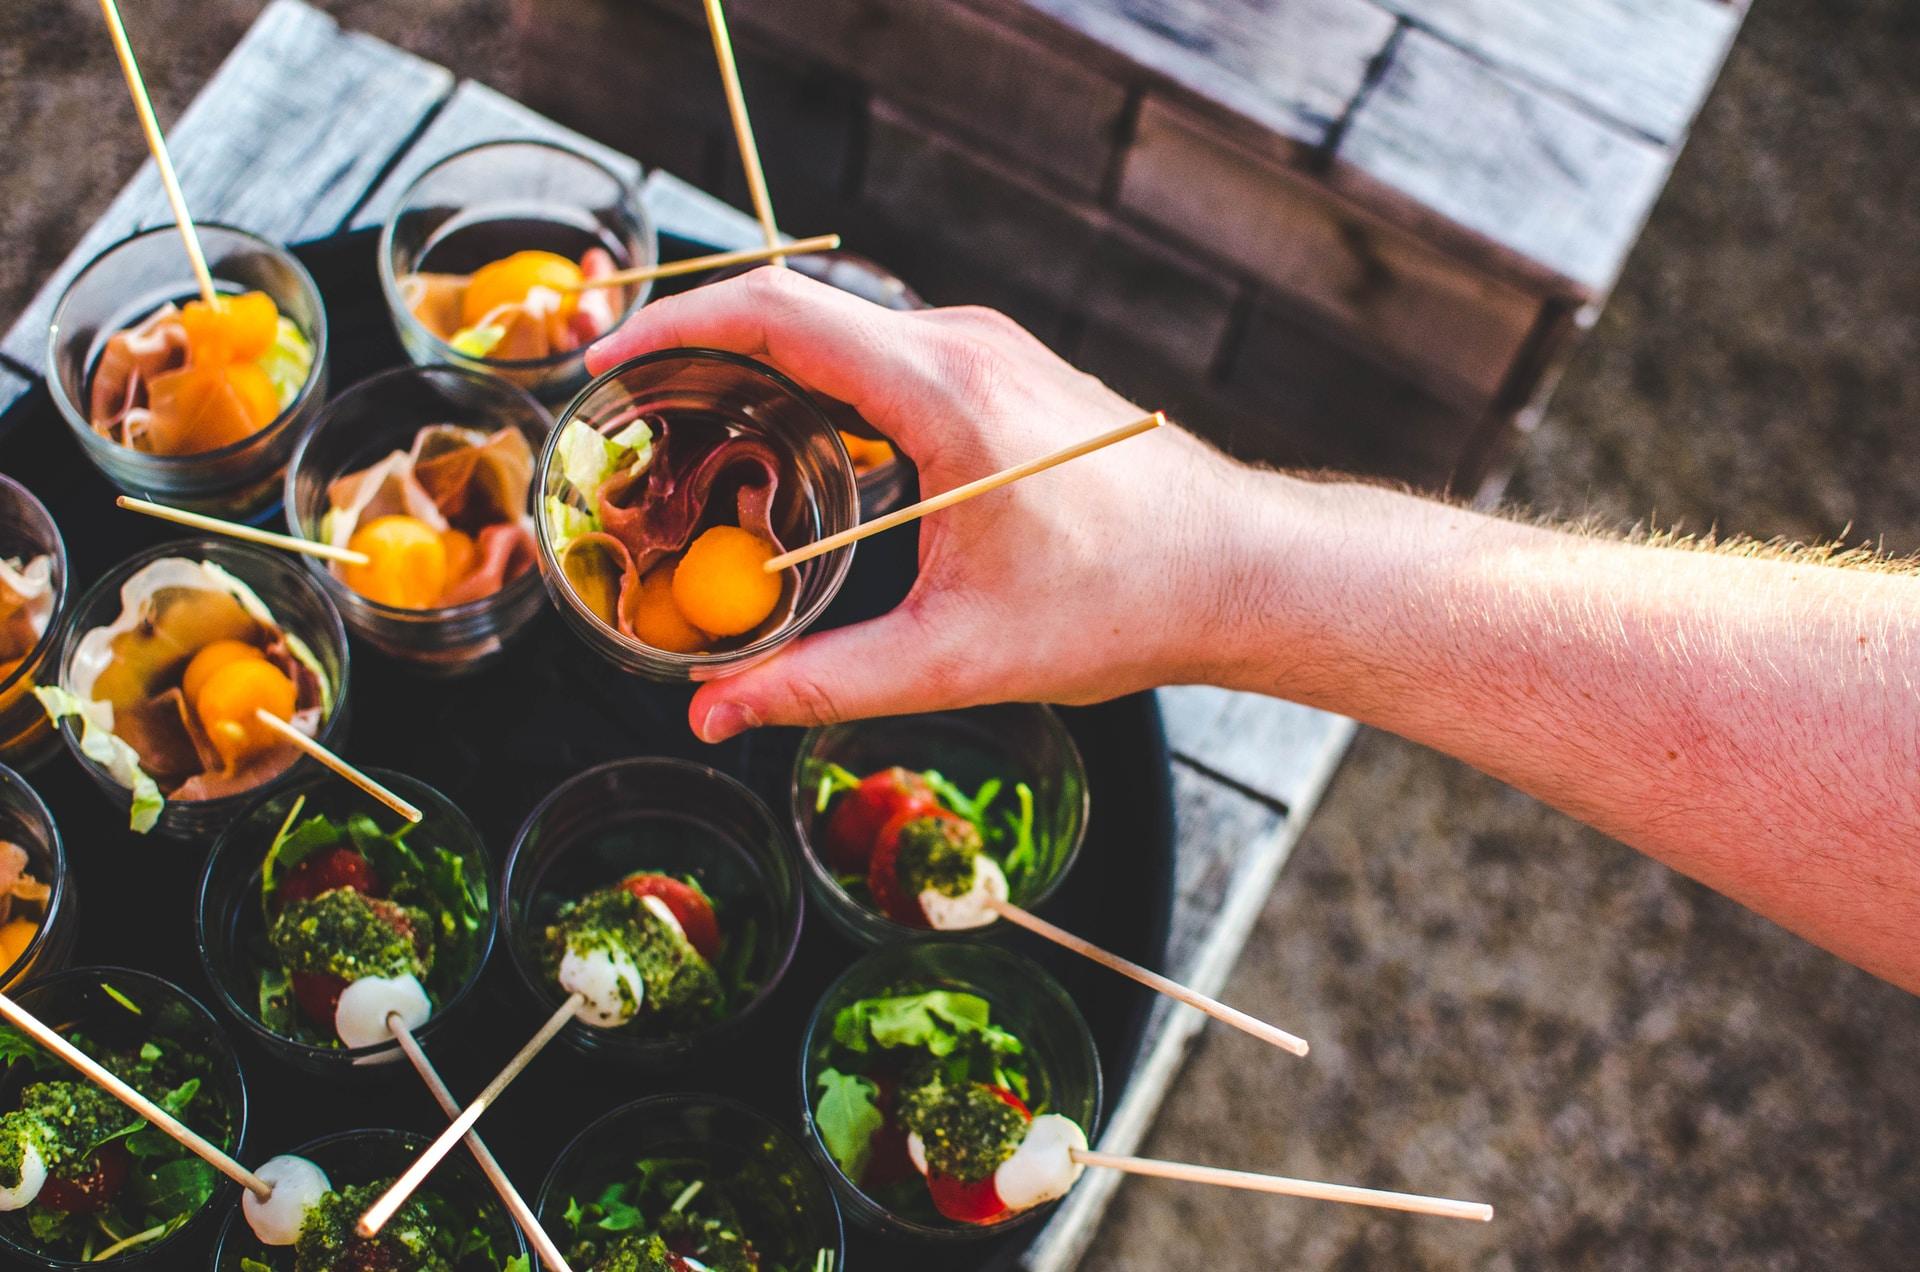 Θα ετοιμάσετε μόνοι σας τα φαγητά για το γλέντι του γάμου σας;